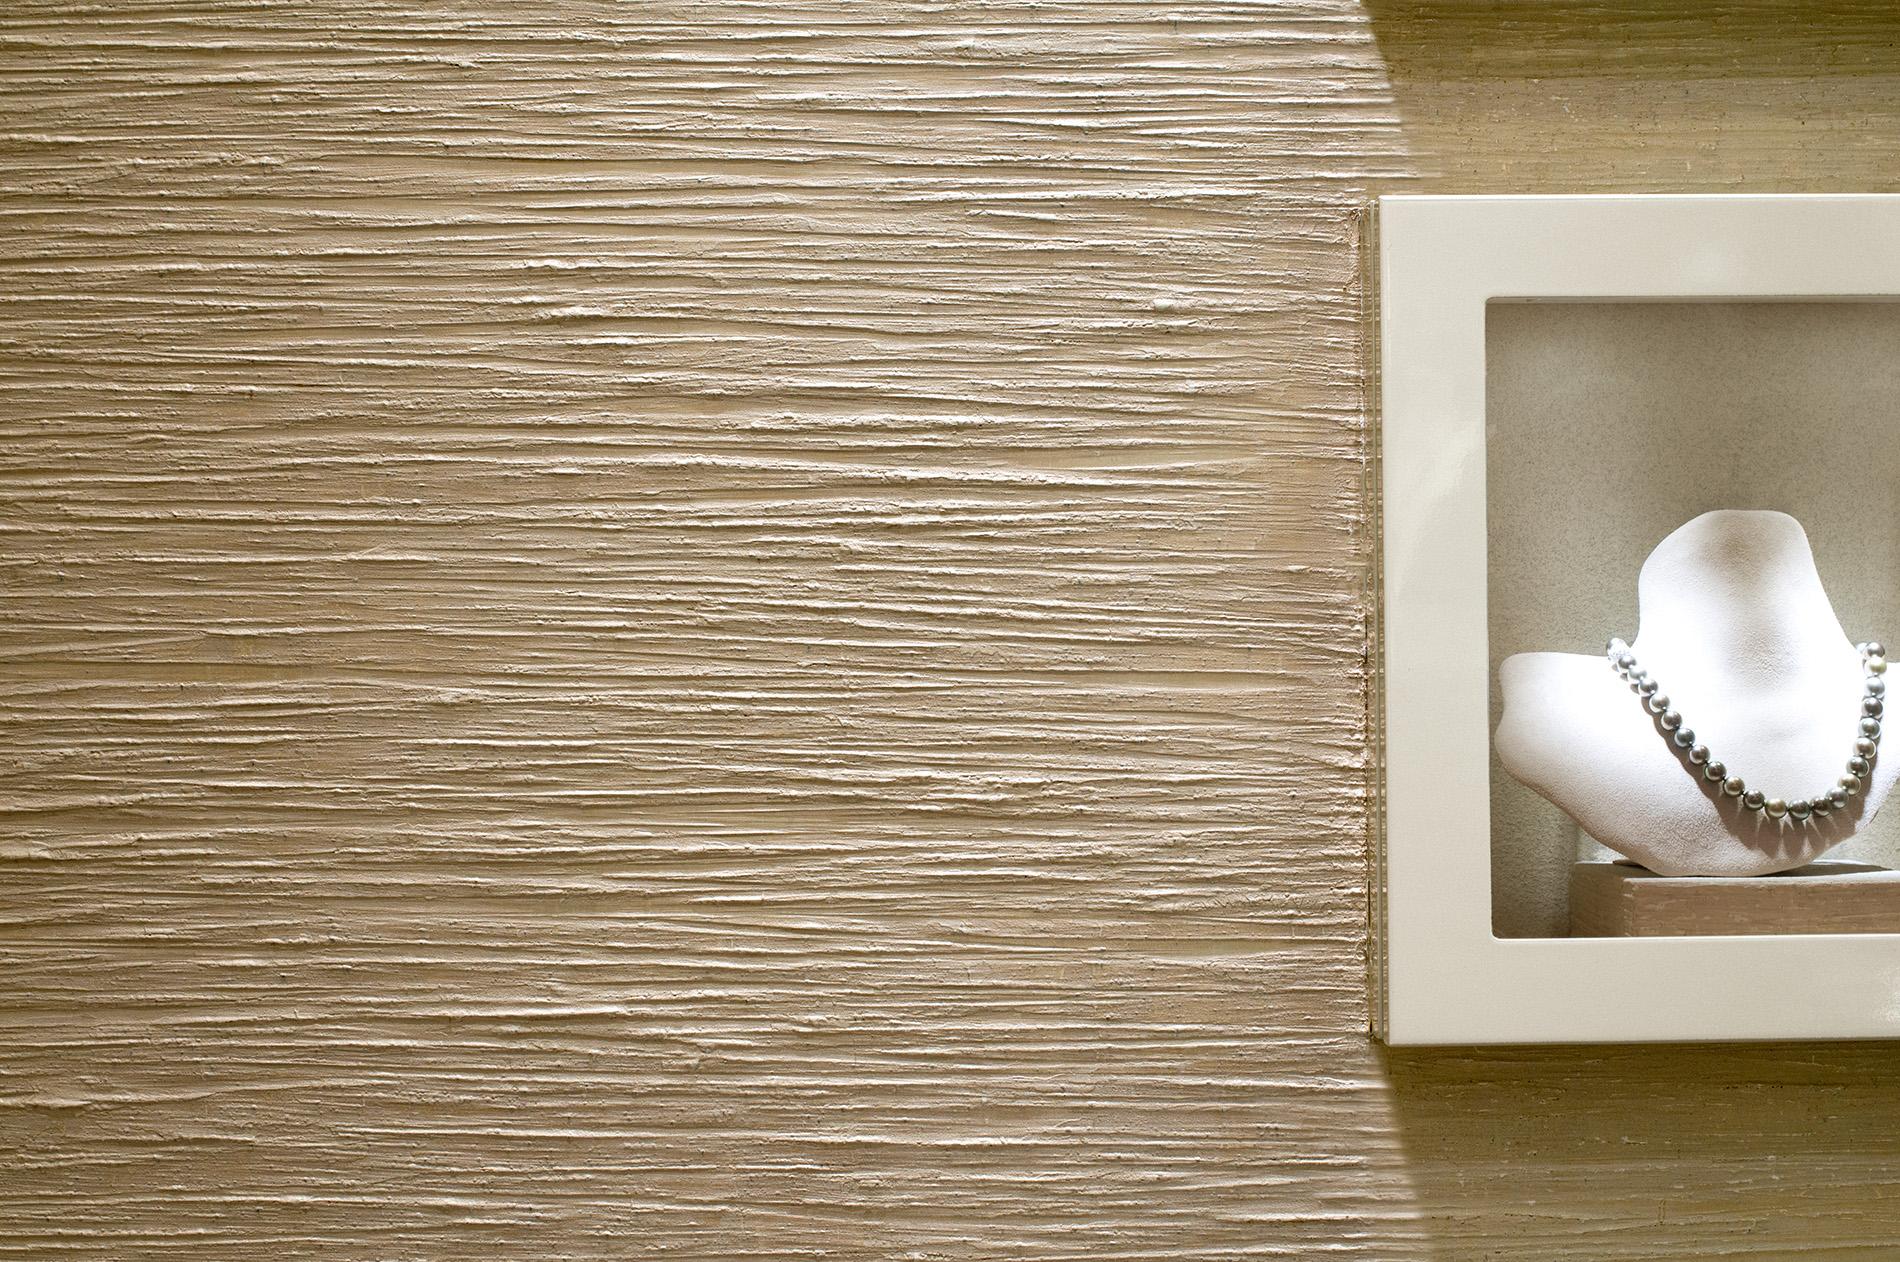 Фото вариантов отделки стеновыми панелями осуществляет изготовление